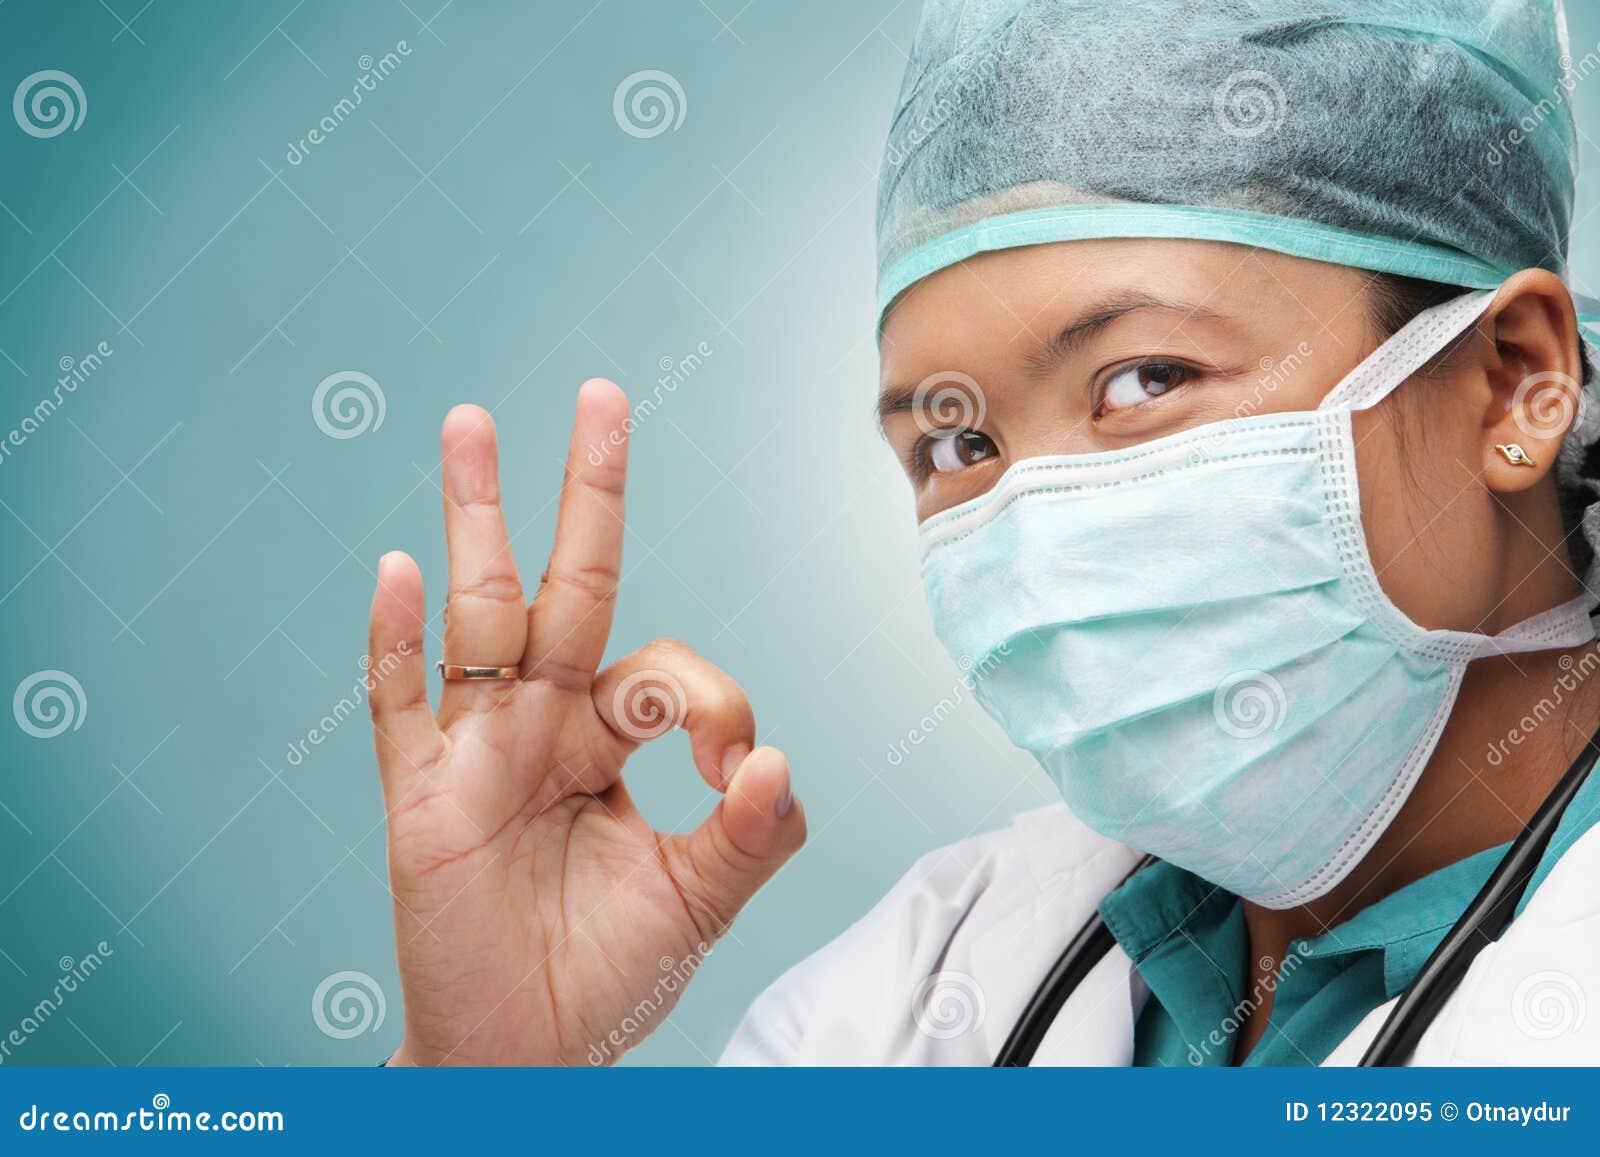 3ff63a5d2381a3 Vrouwelijke Medische Arts Met O.k. Teken Stock Afbeelding ...